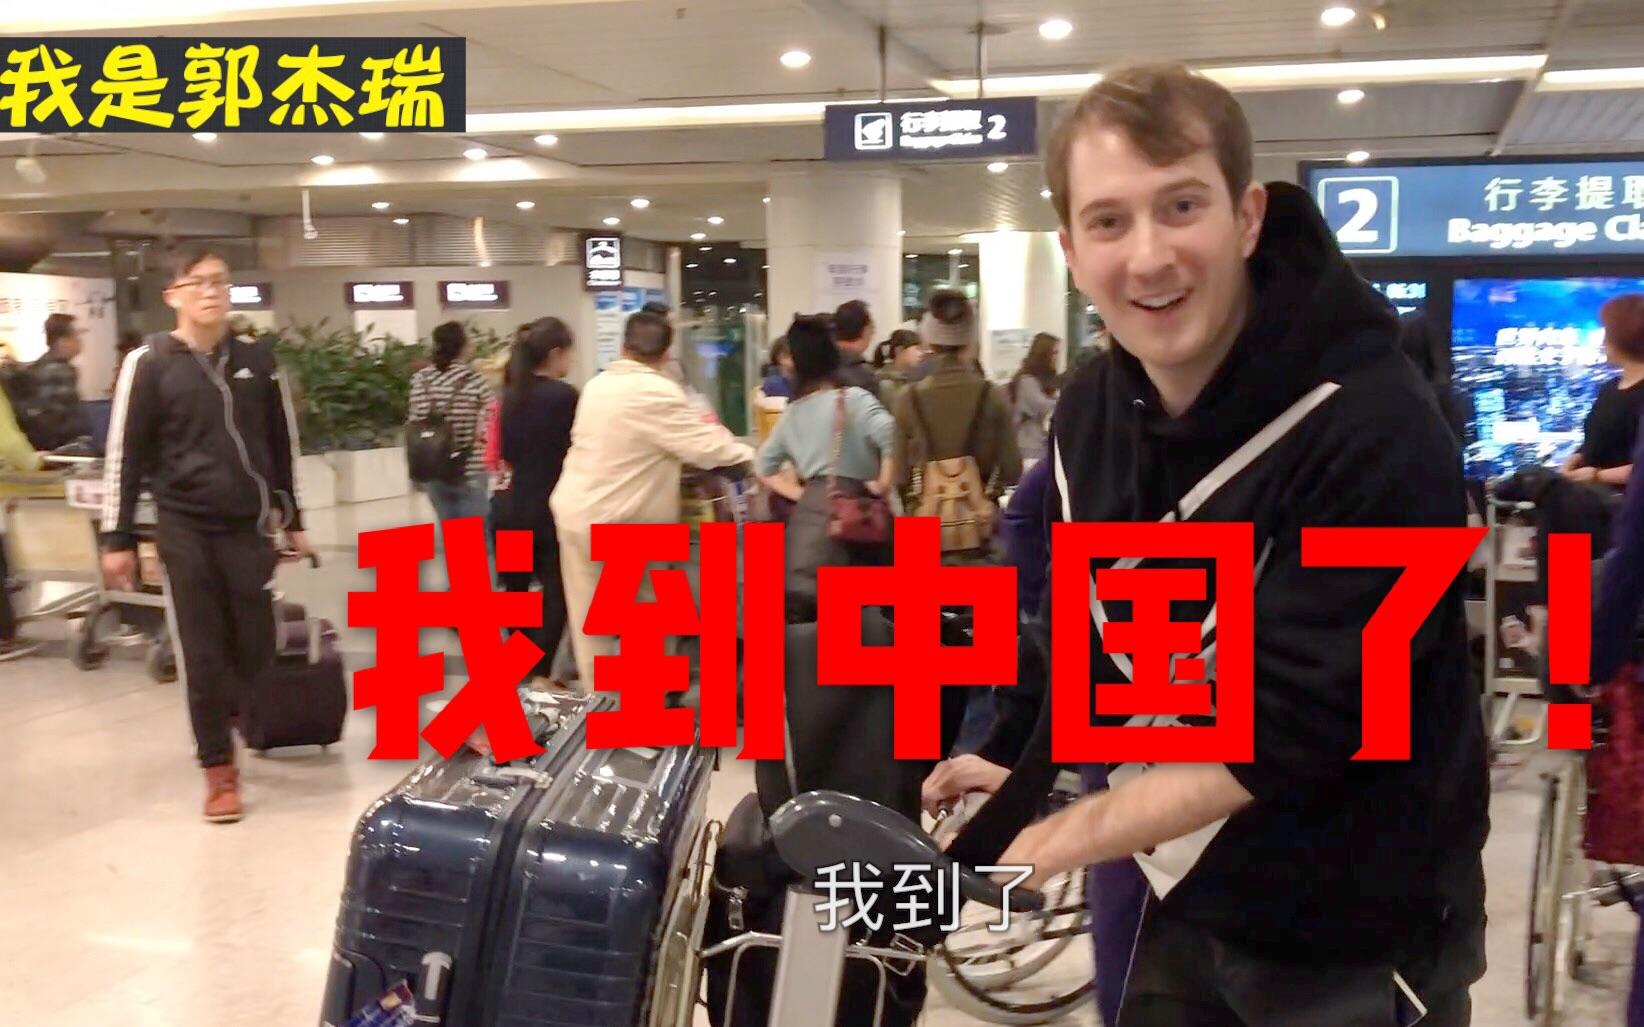 「郭杰瑞」我到中國了!!_嗶哩嗶哩 (゜-゜)つロ 干杯~-bilibili